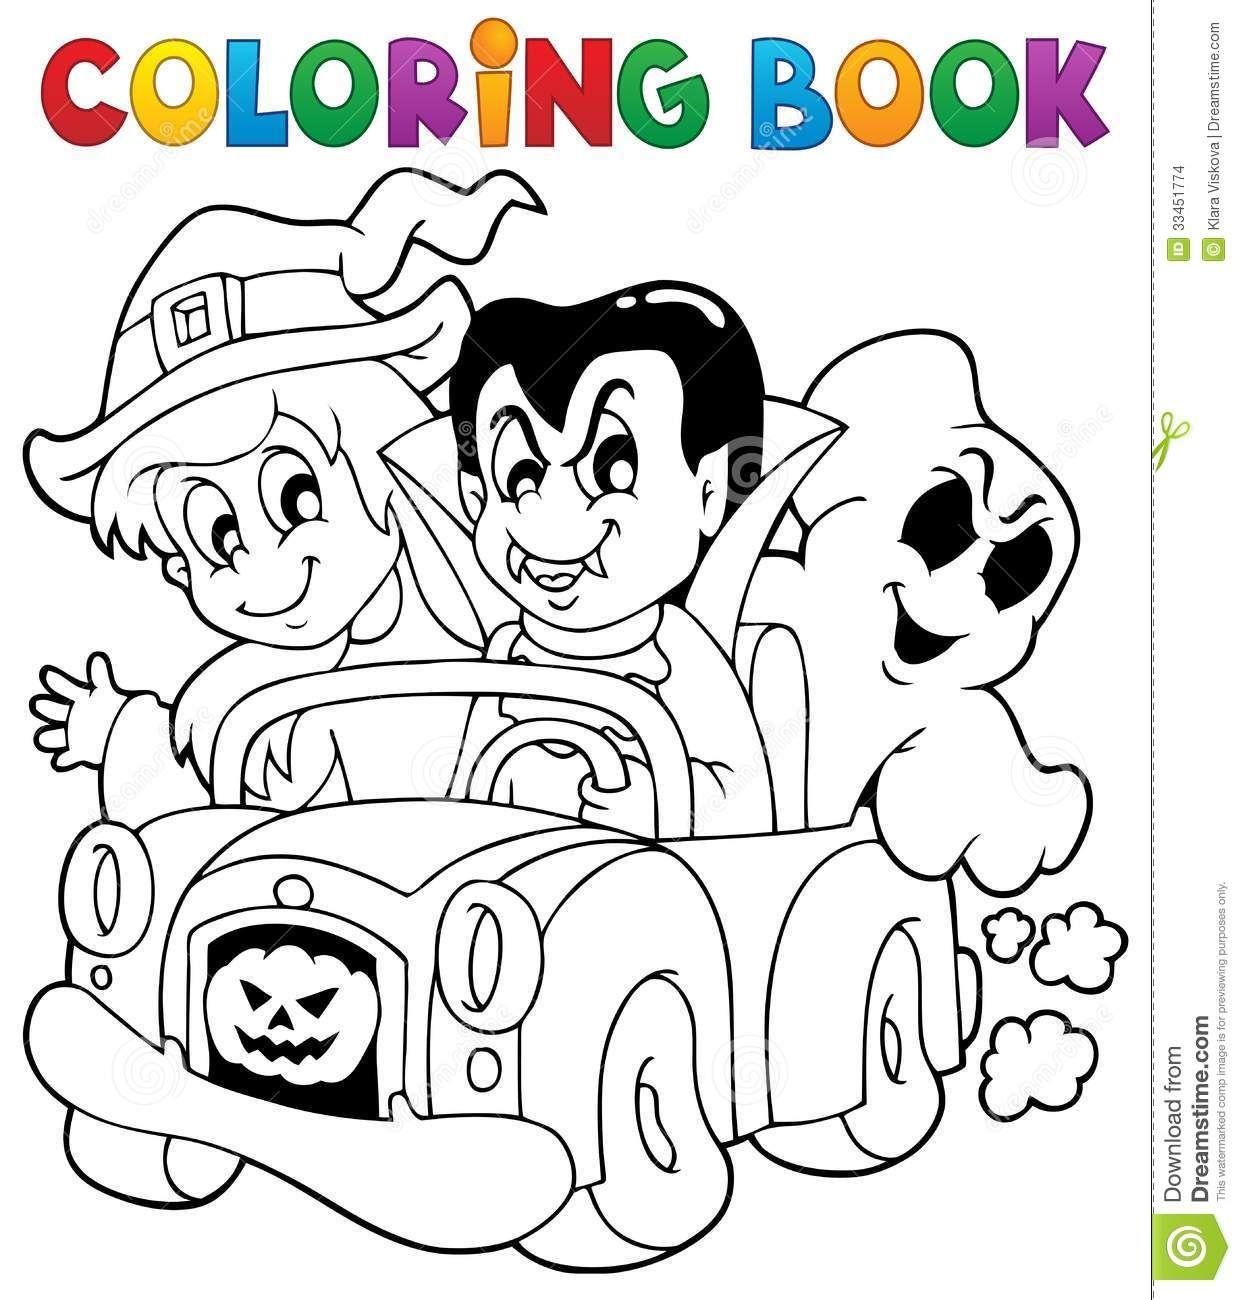 Excepcional El Libro Para Colorear De Anatomía Wynn Kapit Ideas ...